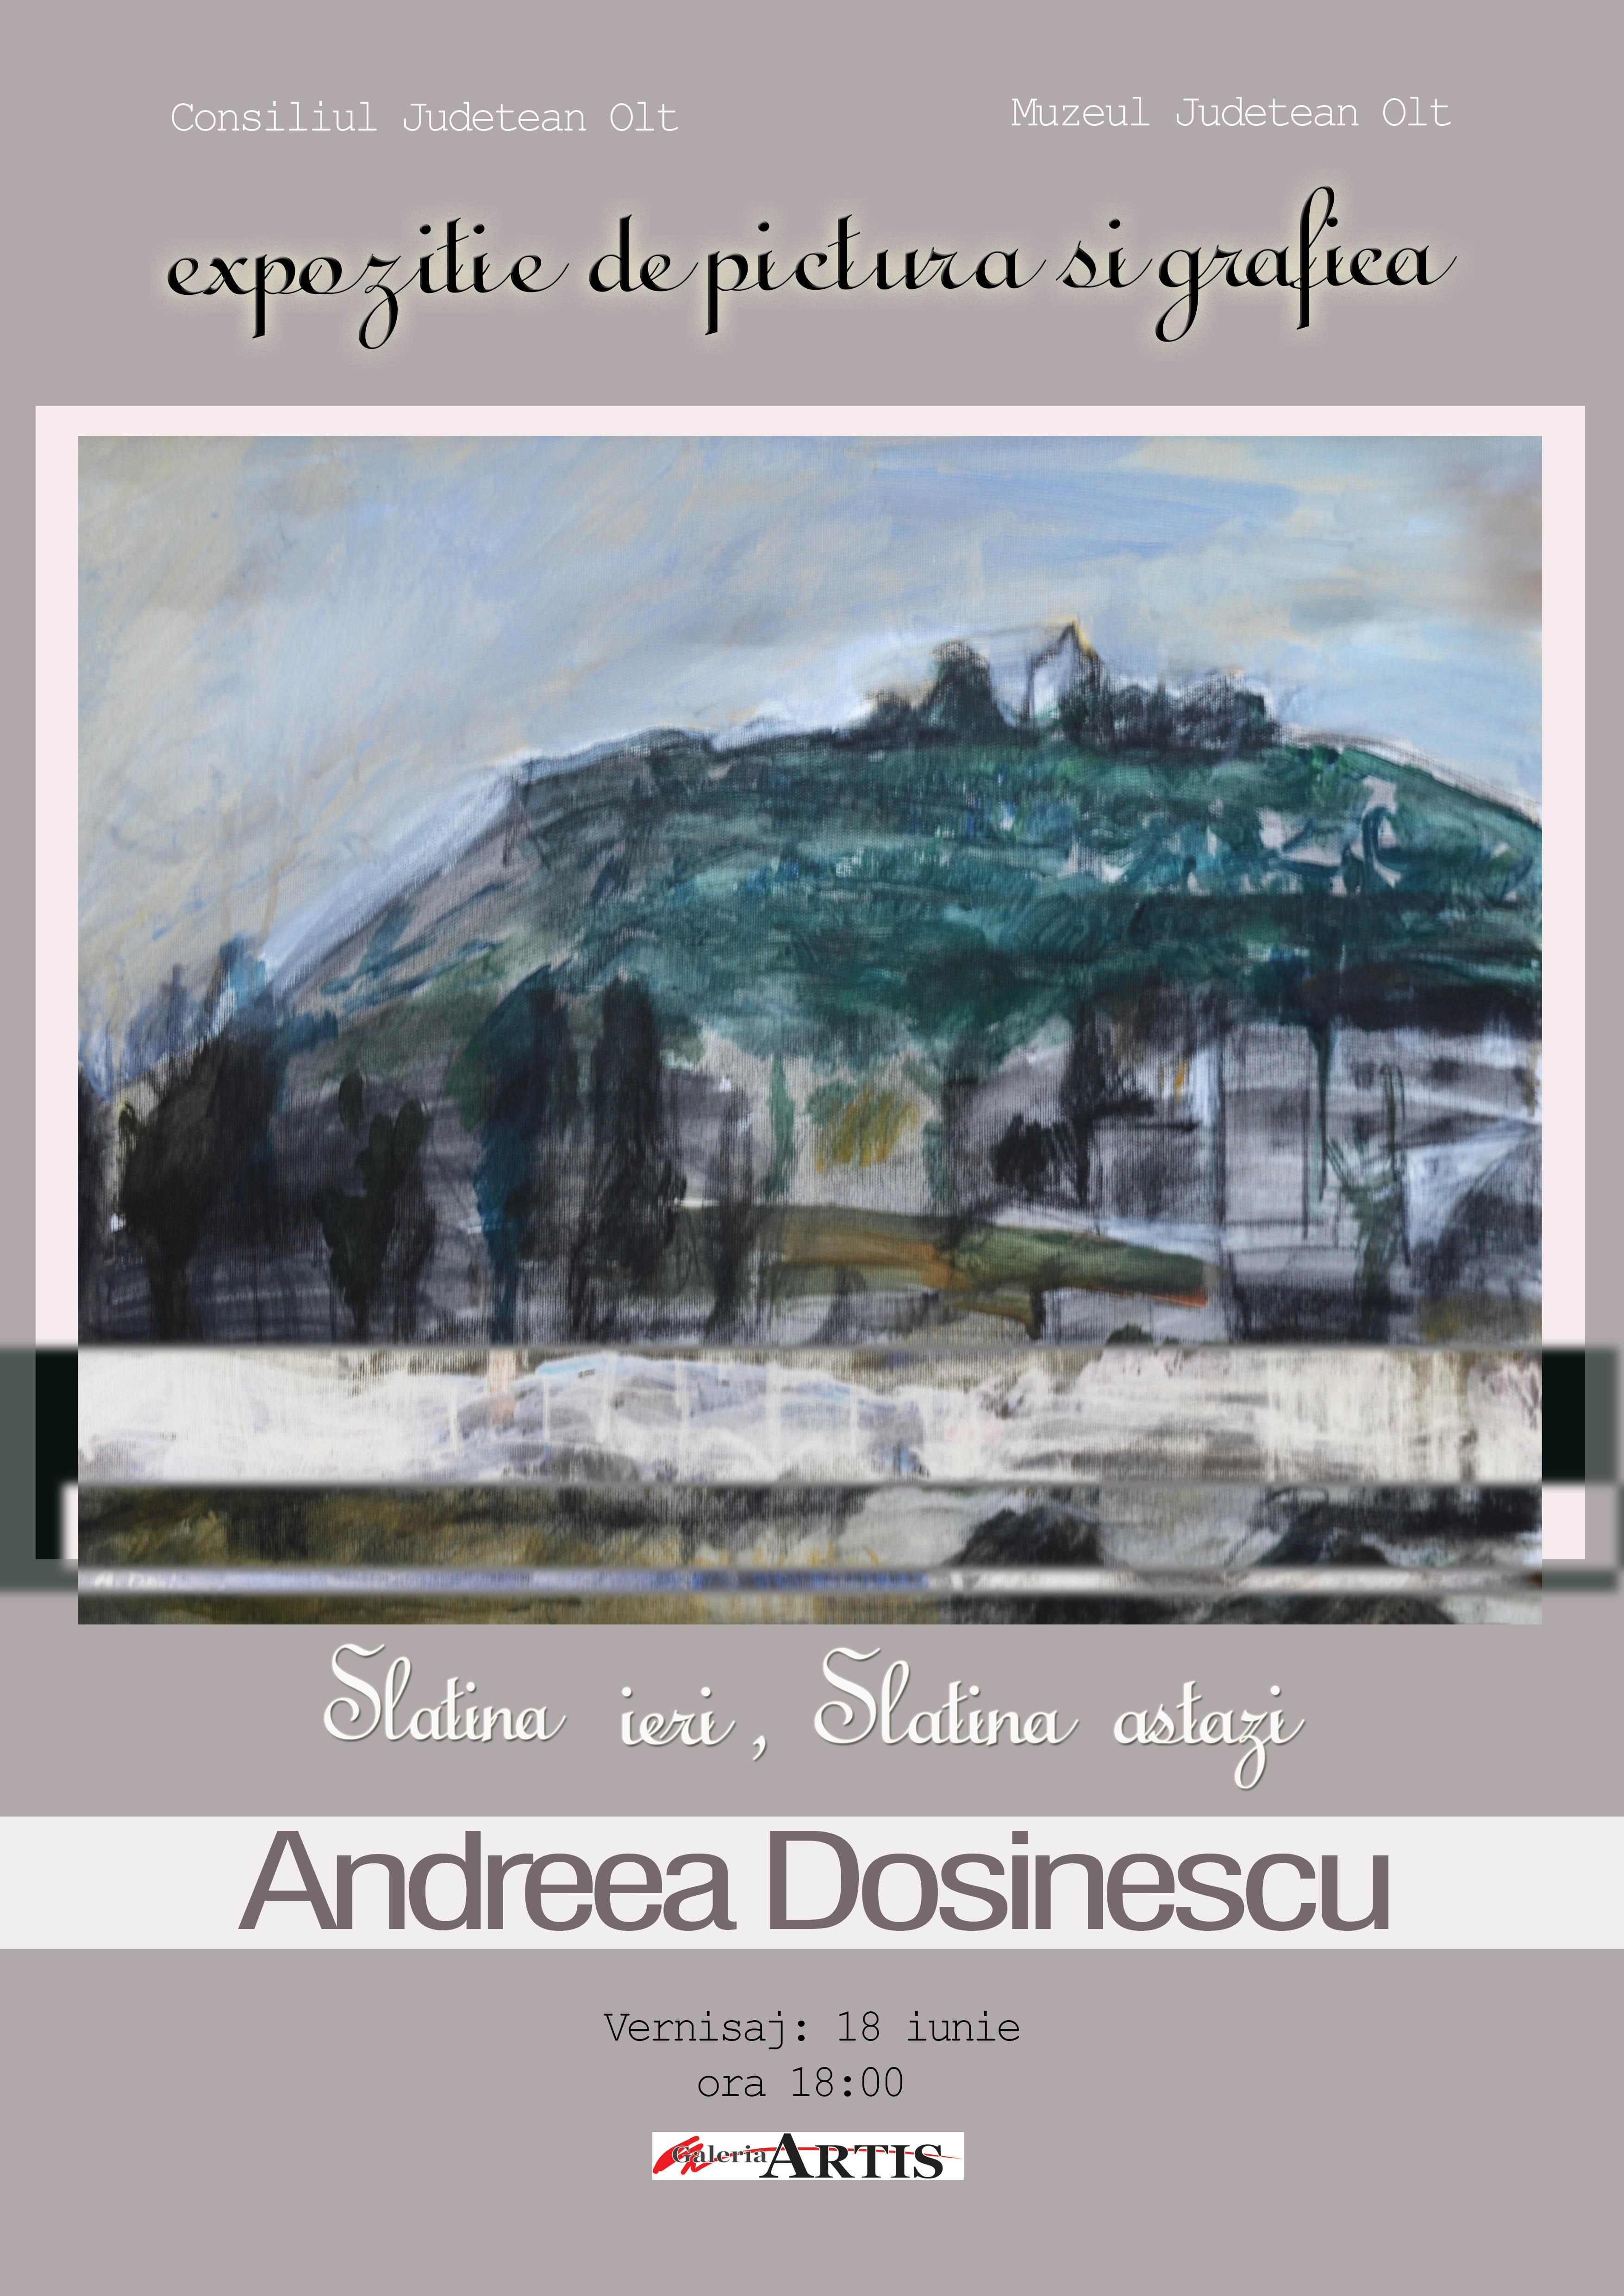 """""""Slatina Ieri, Slatina Astazi"""" – Andreea Dosinescu"""